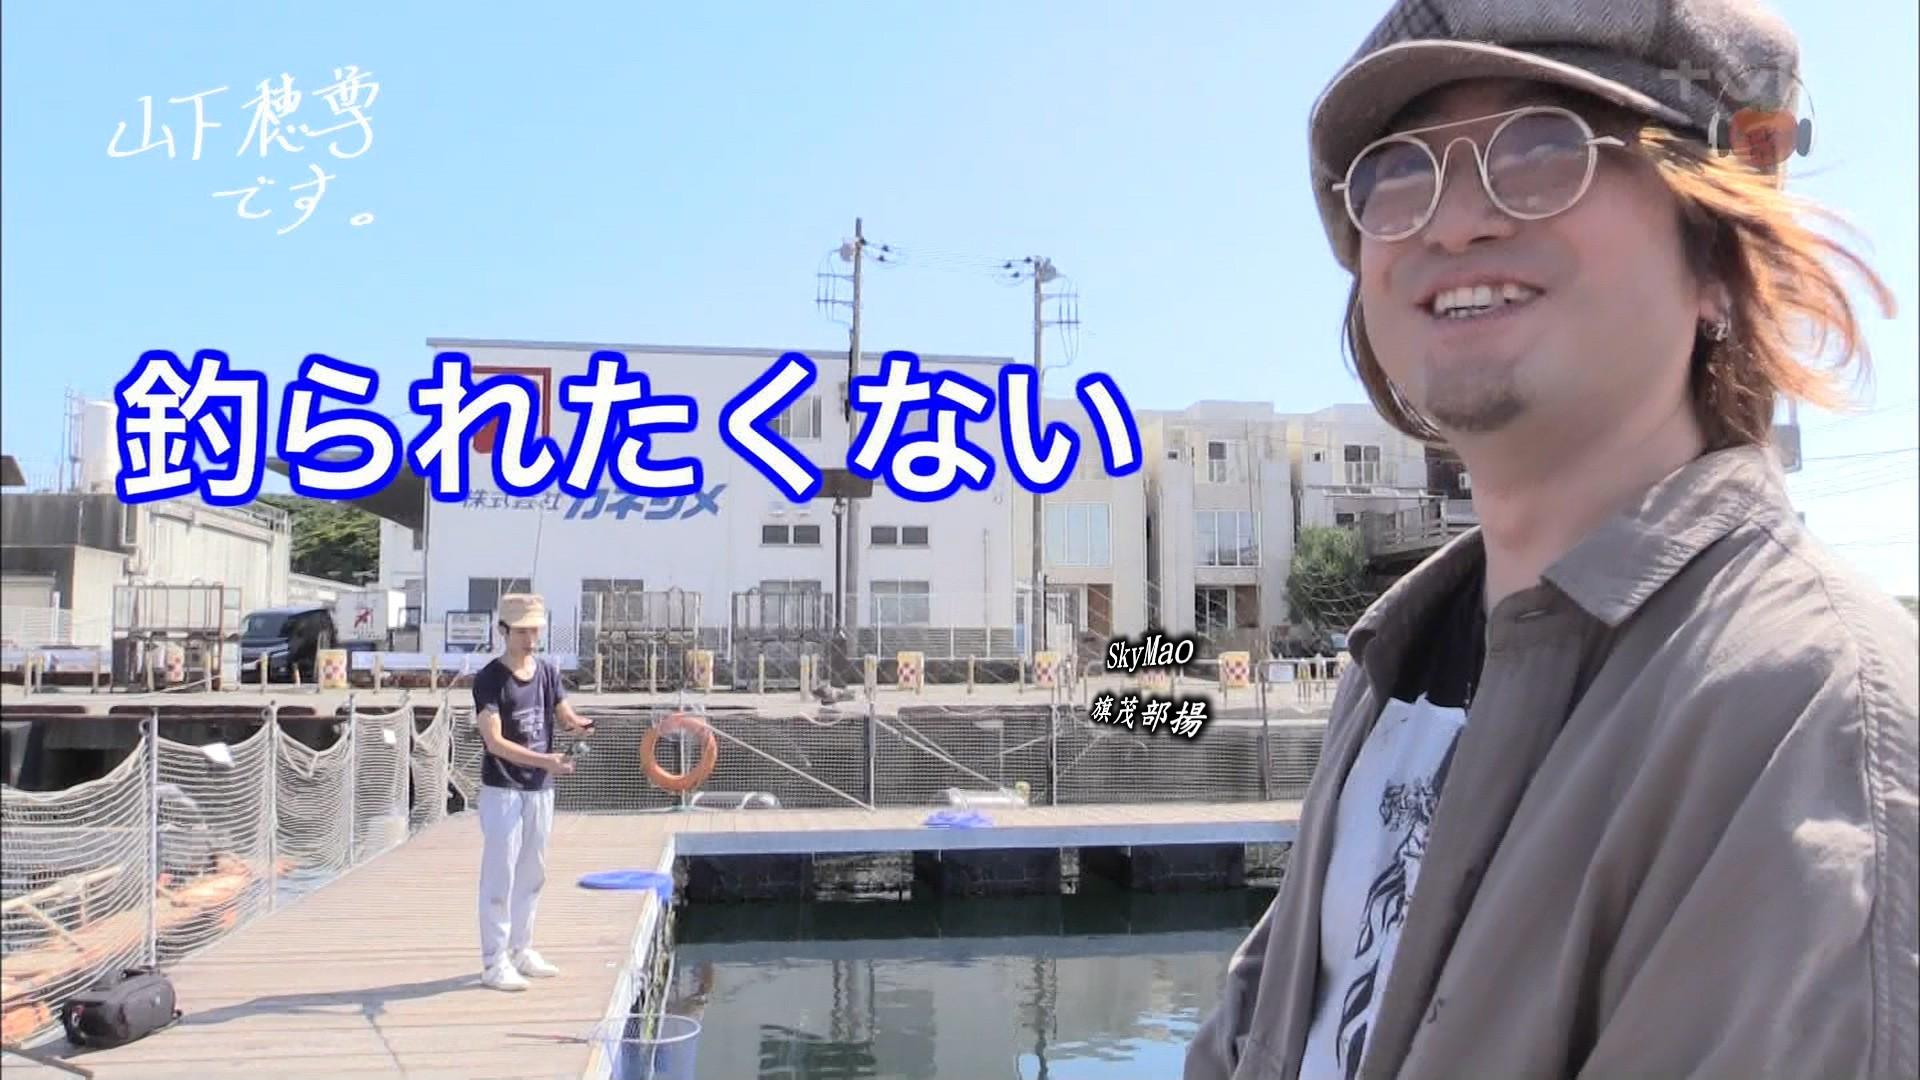 2017.07.21 全場(ミュートマ2).ts_20170722_010955.778